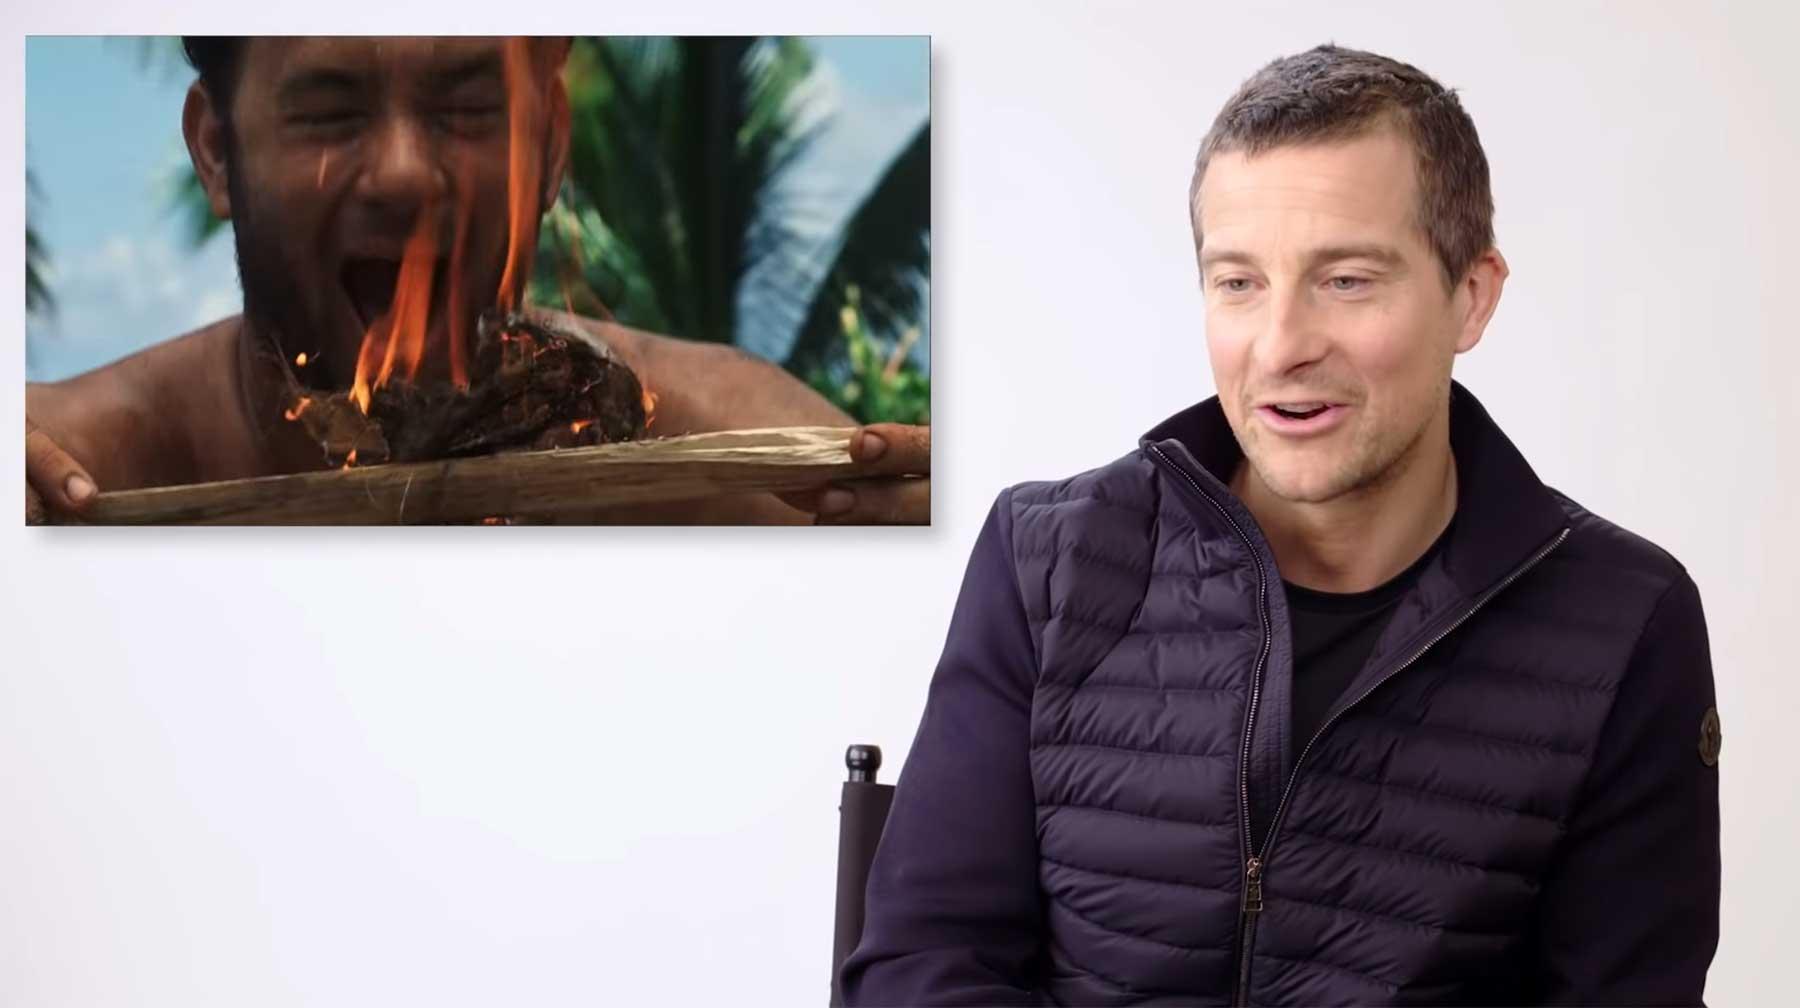 Experte Bear Grylls beurteilt Szenen aus Survival-Filmen bear-grylls-survival-filme